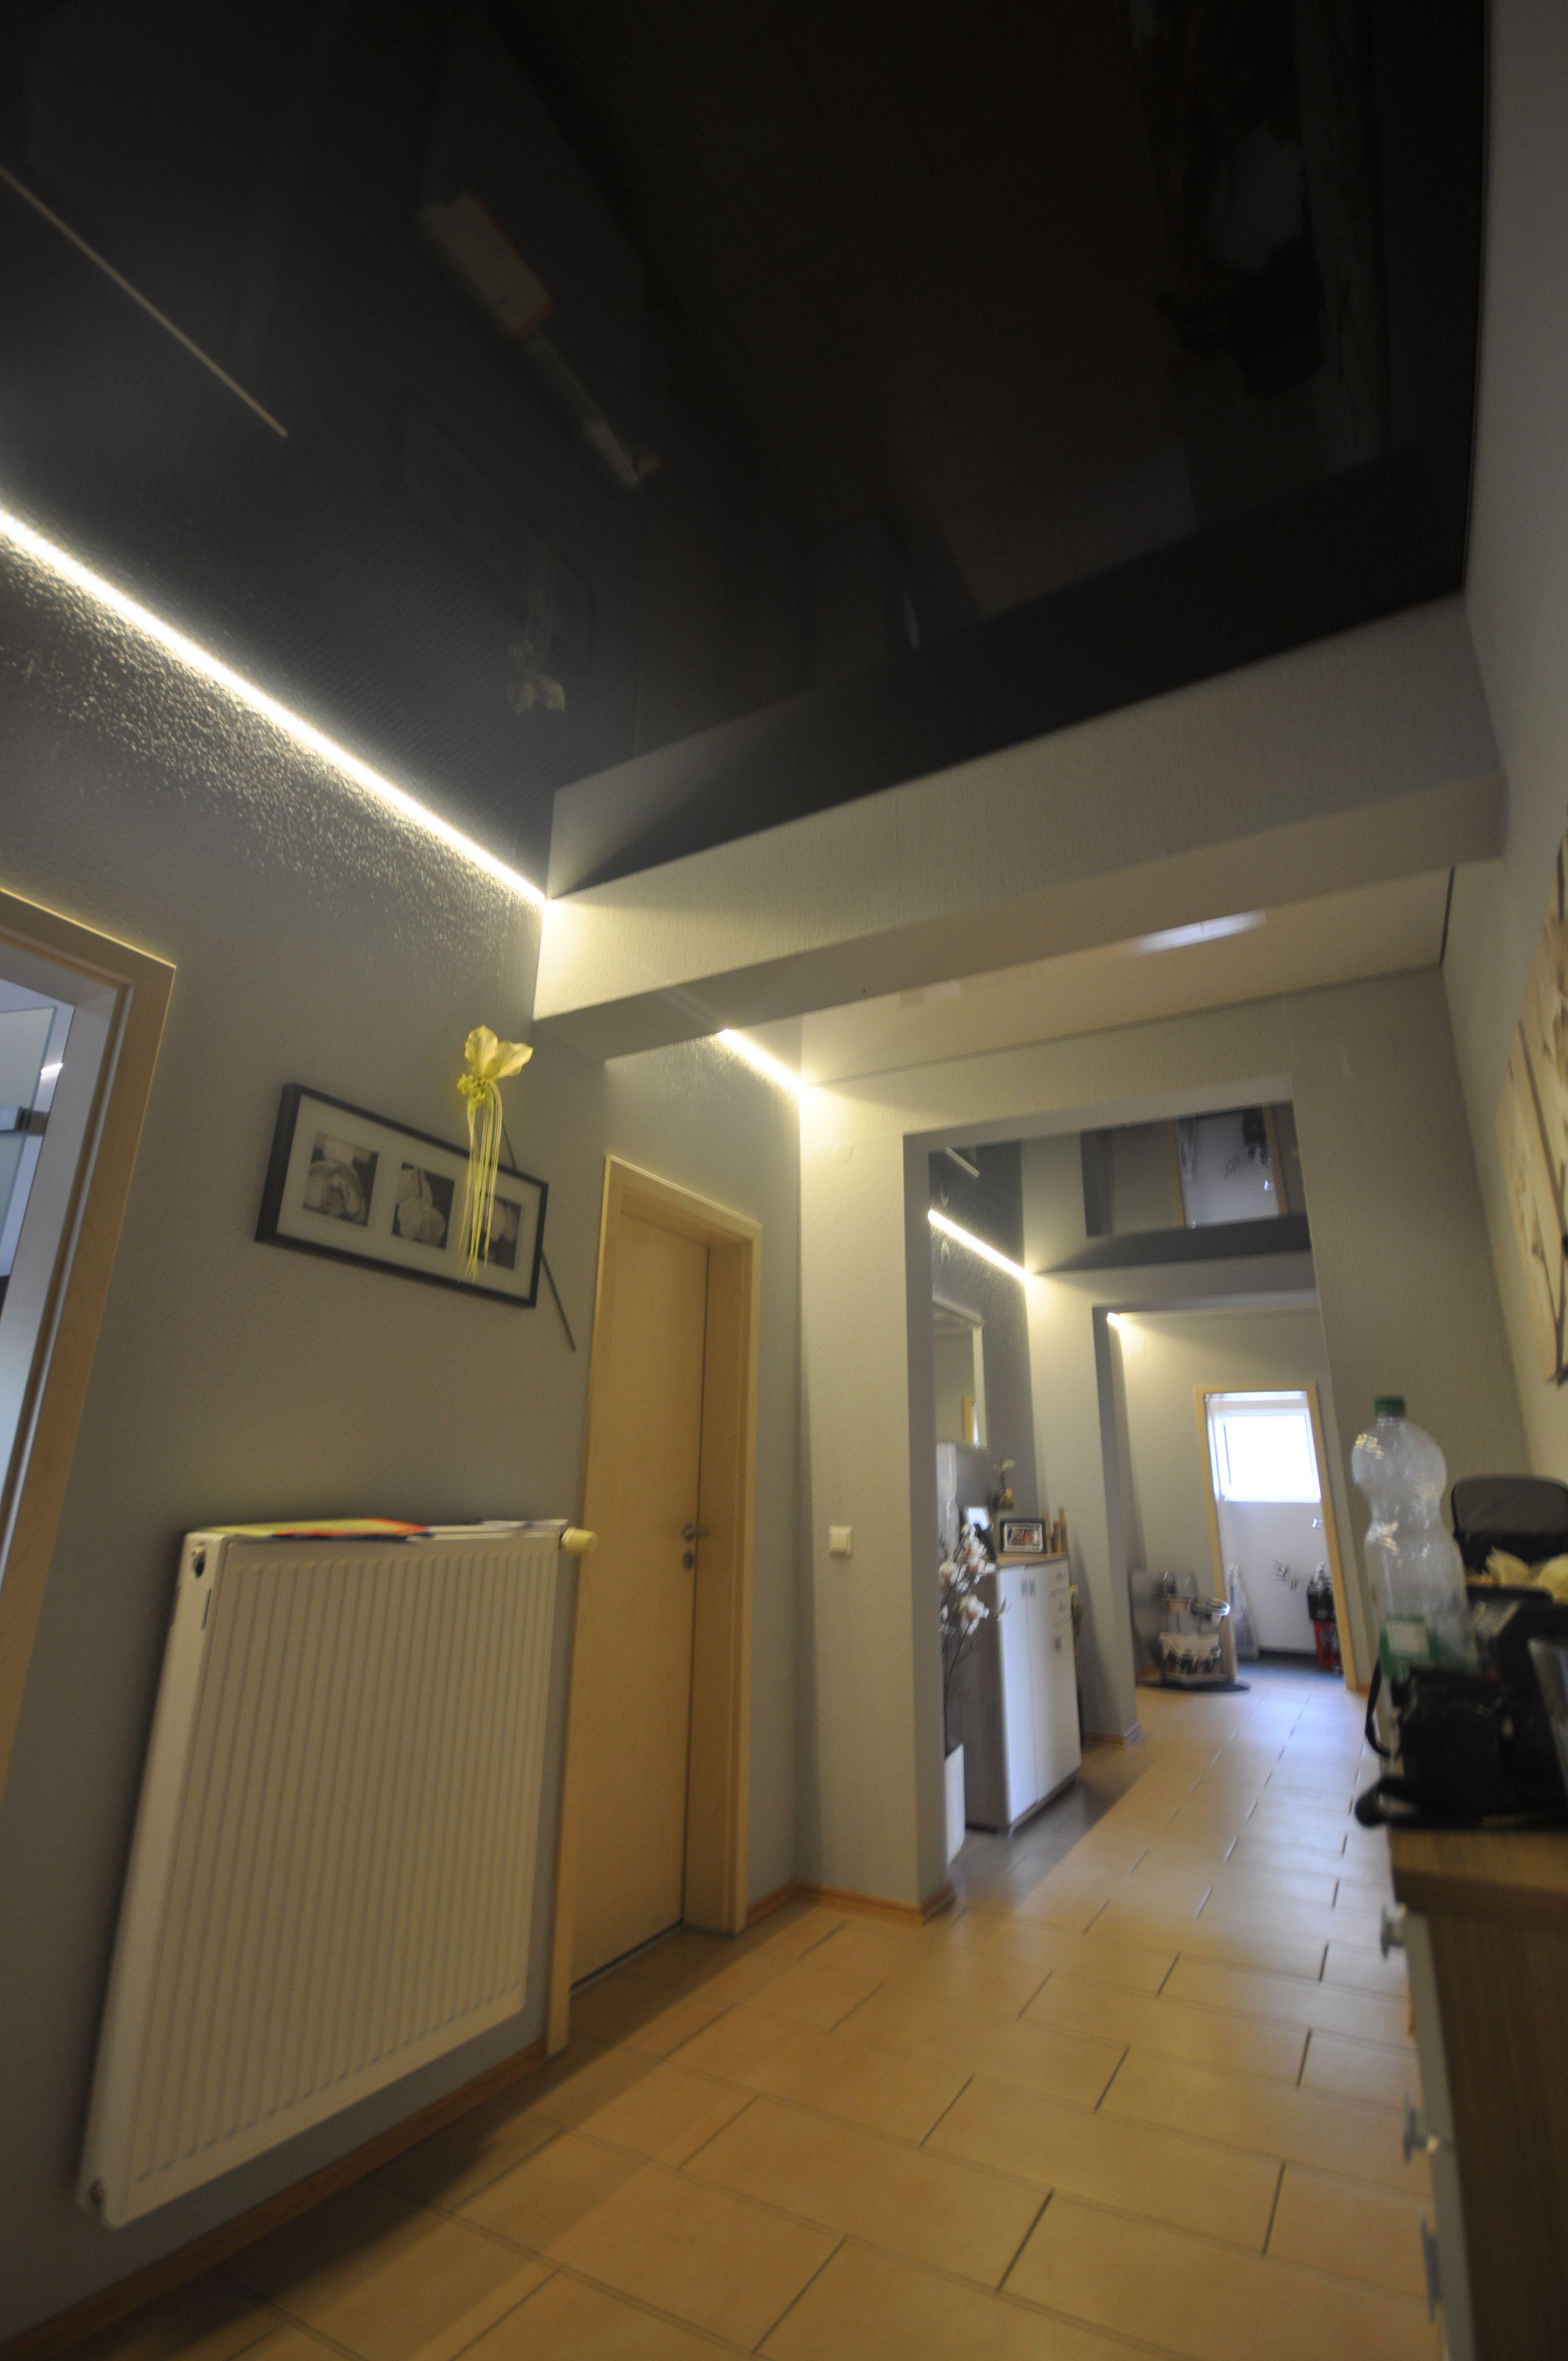 Schwarze Hochglanz Spanndecke Im Flur Mit Led Beleuchtung In Der Schattenfuge Decke Flur Deckengestaltung Wohnzimmer Deckengestaltung Moderne Deckengestaltung